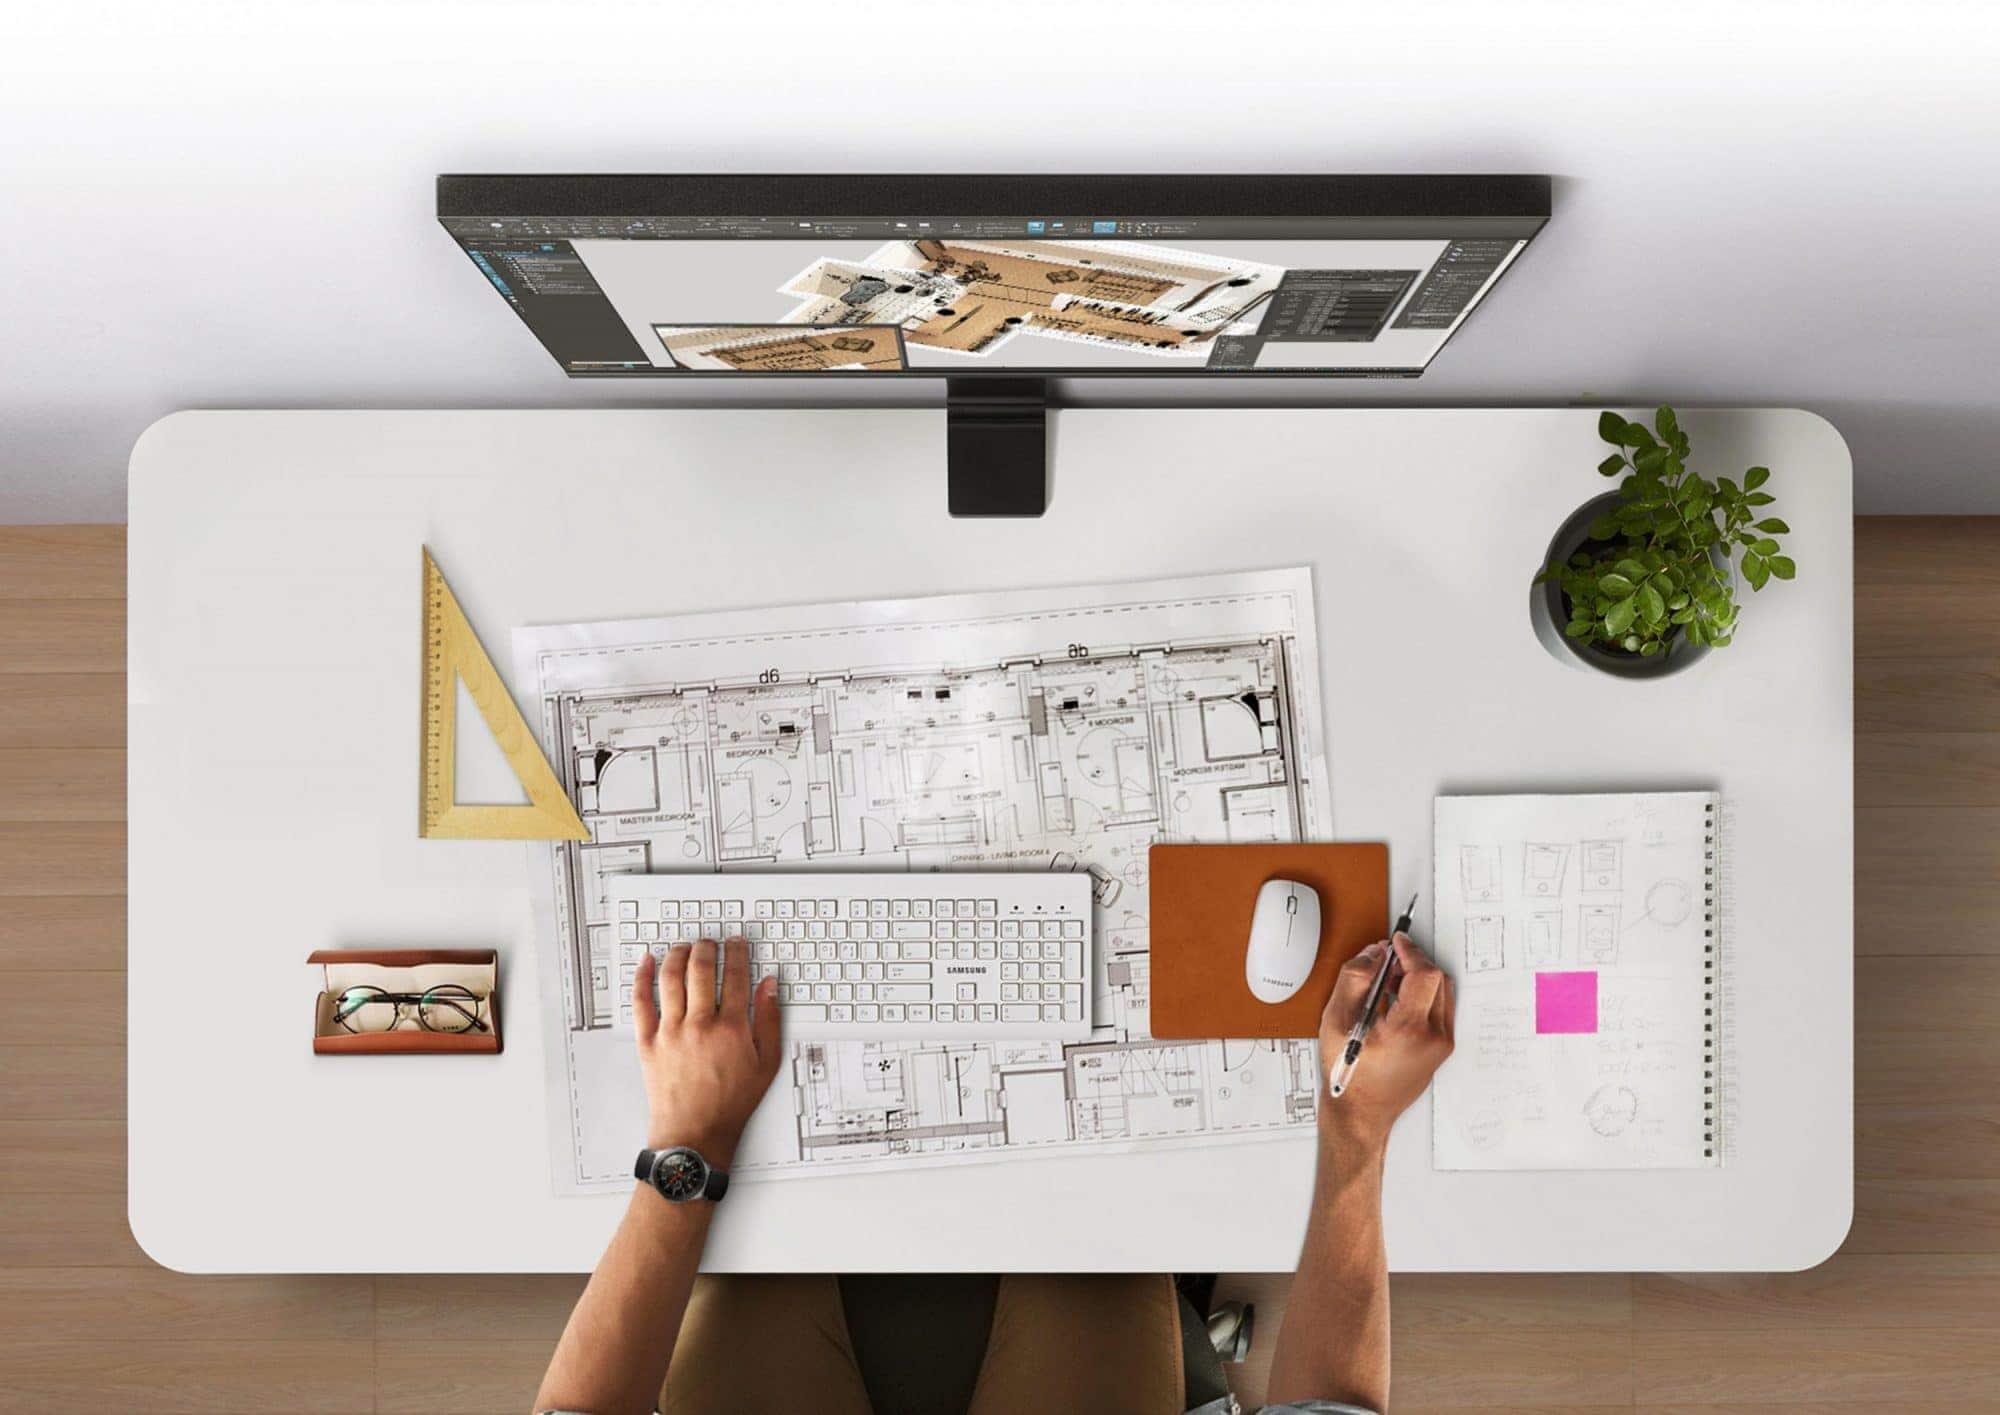 Samsung เปิดตัวจอ Space Monitor ใช้พื้นที่น้อย เพิ่มพื้นที่ทำงาน 3